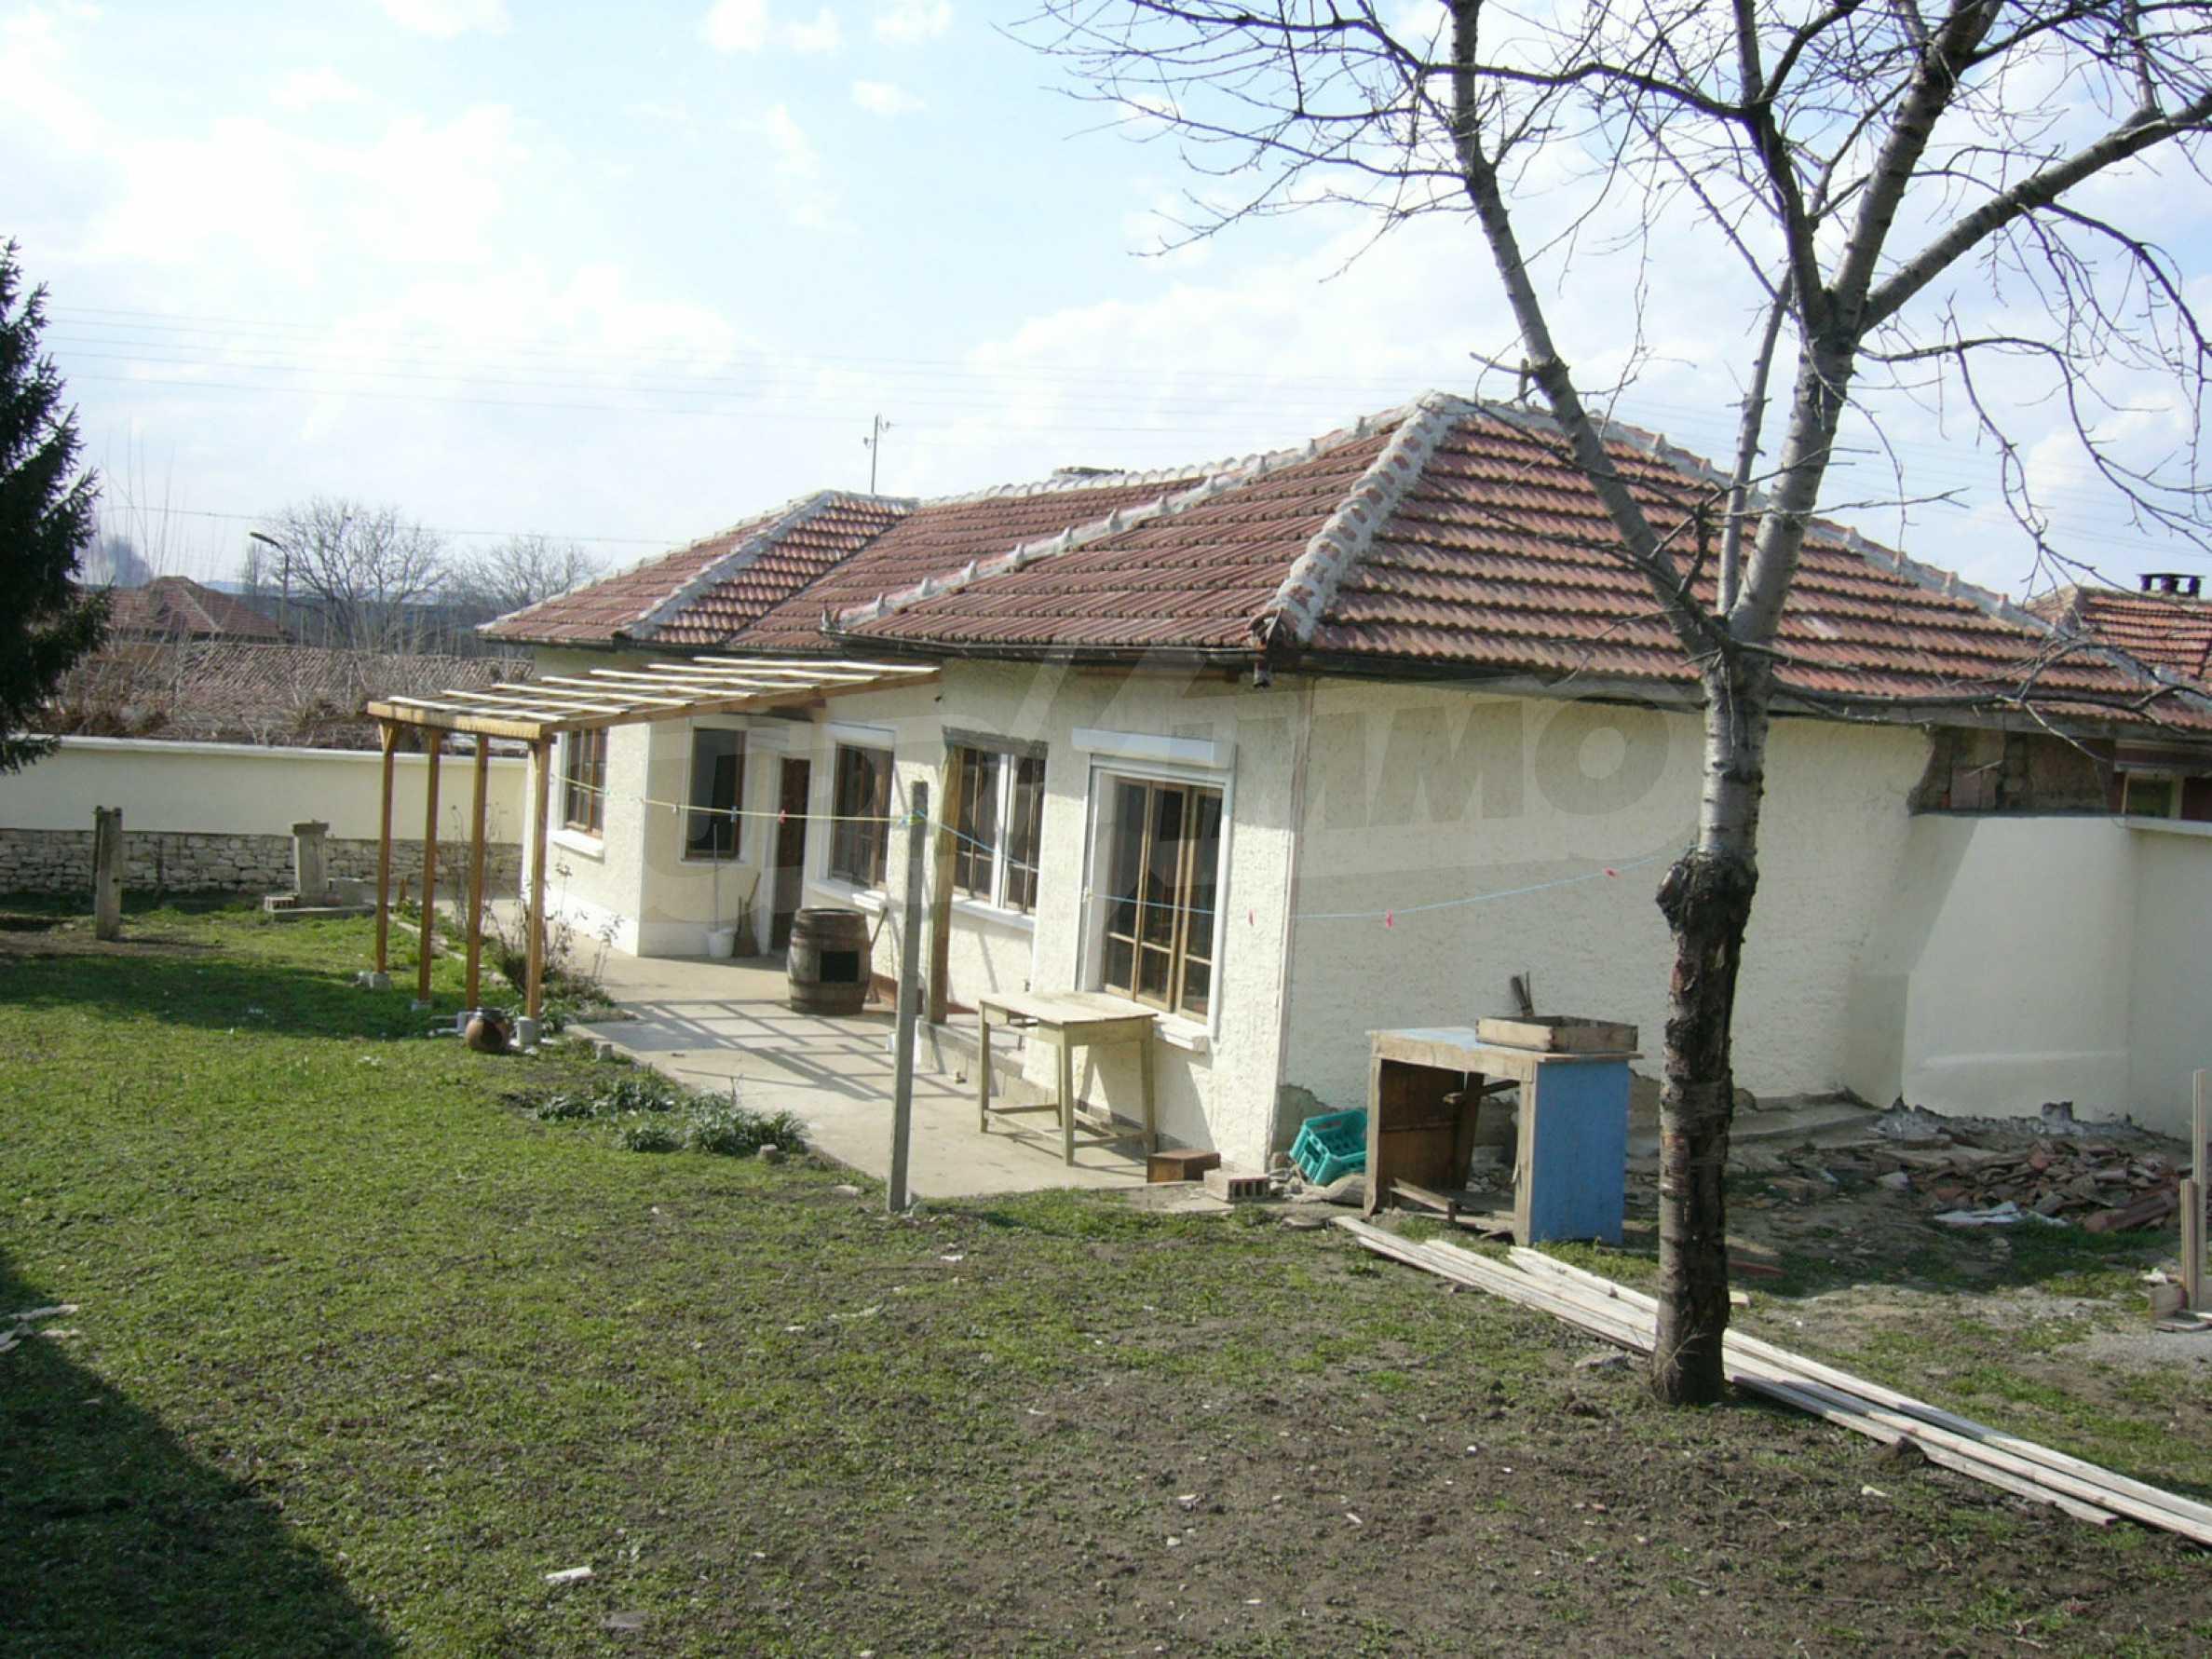 Едноетажна селска къща върху маза на 20 км от Велико Търново  32